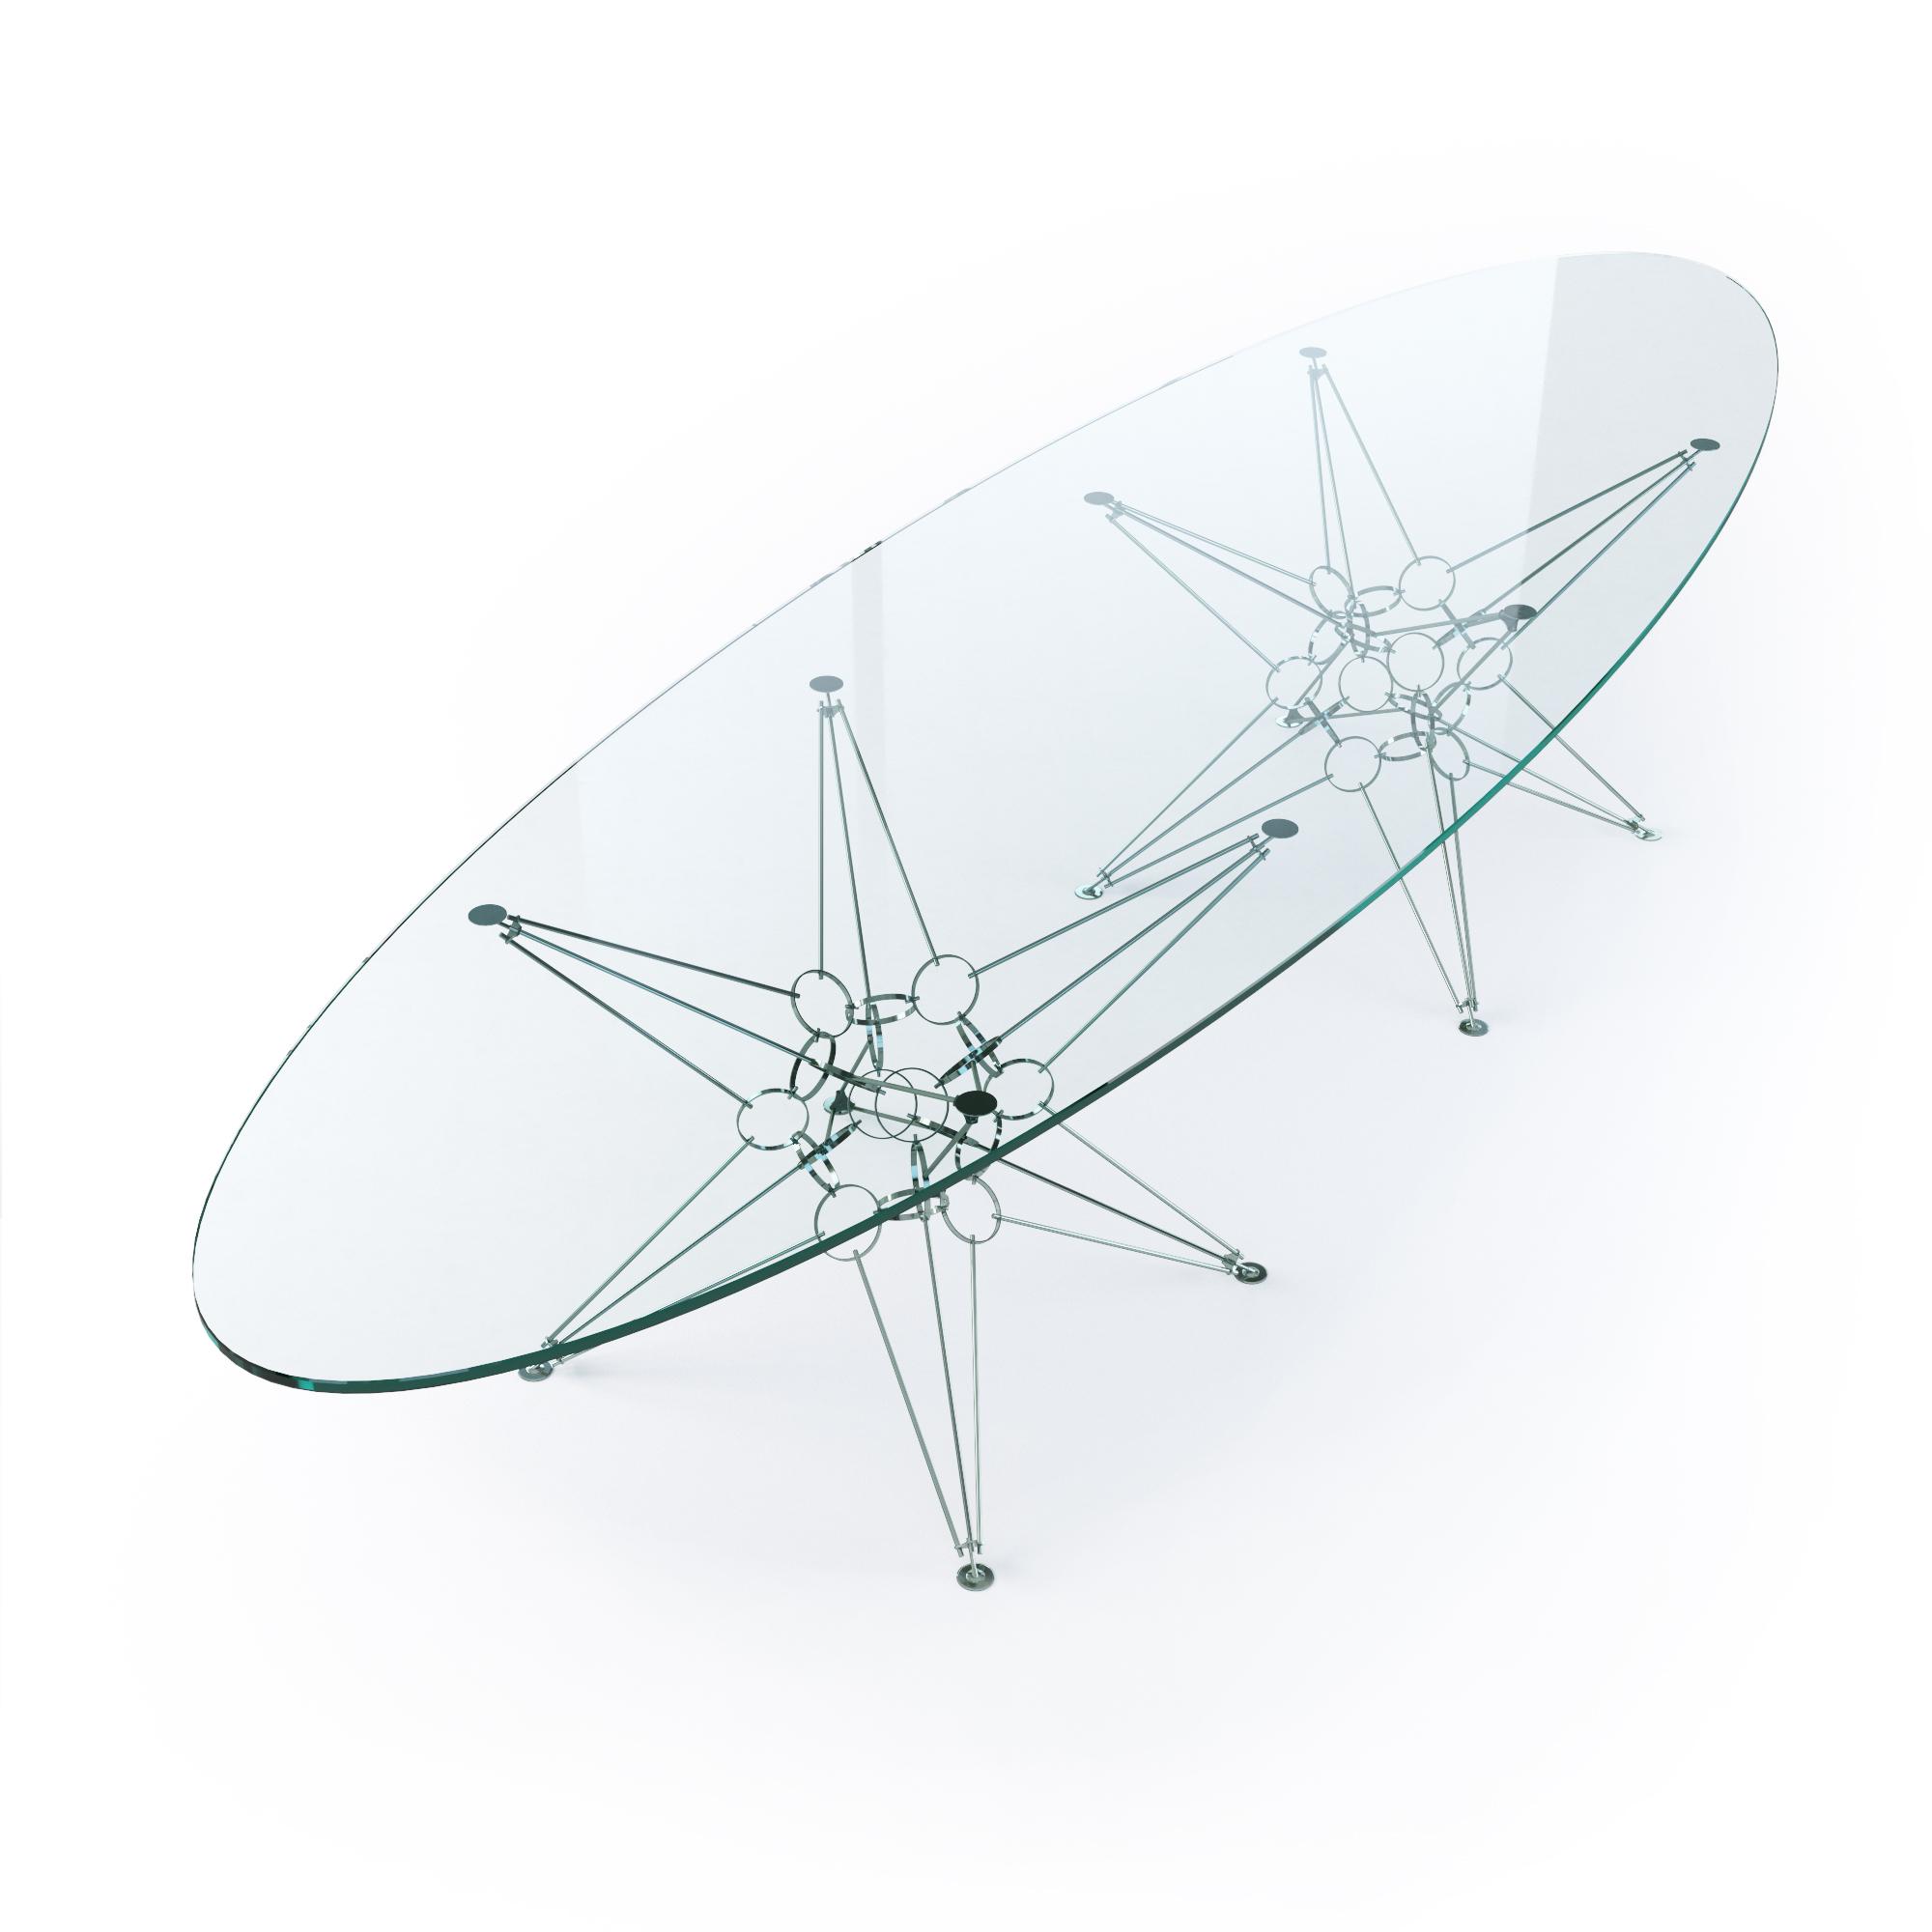 Стол TORPEDOОбеденные столы<br>&amp;lt;div&amp;gt;Материал столешницы: стекло закаленное, толщина 12 мм, Optiwhite.&amp;lt;div&amp;gt;Материал основания: хромированная сталь.&amp;lt;/div&amp;gt;&amp;lt;/div&amp;gt;&amp;lt;div&amp;gt;&amp;lt;/div&amp;gt;<br><br>Material: Металл<br>Length см: None<br>Width см: 294<br>Depth см: 107<br>Height см: 72